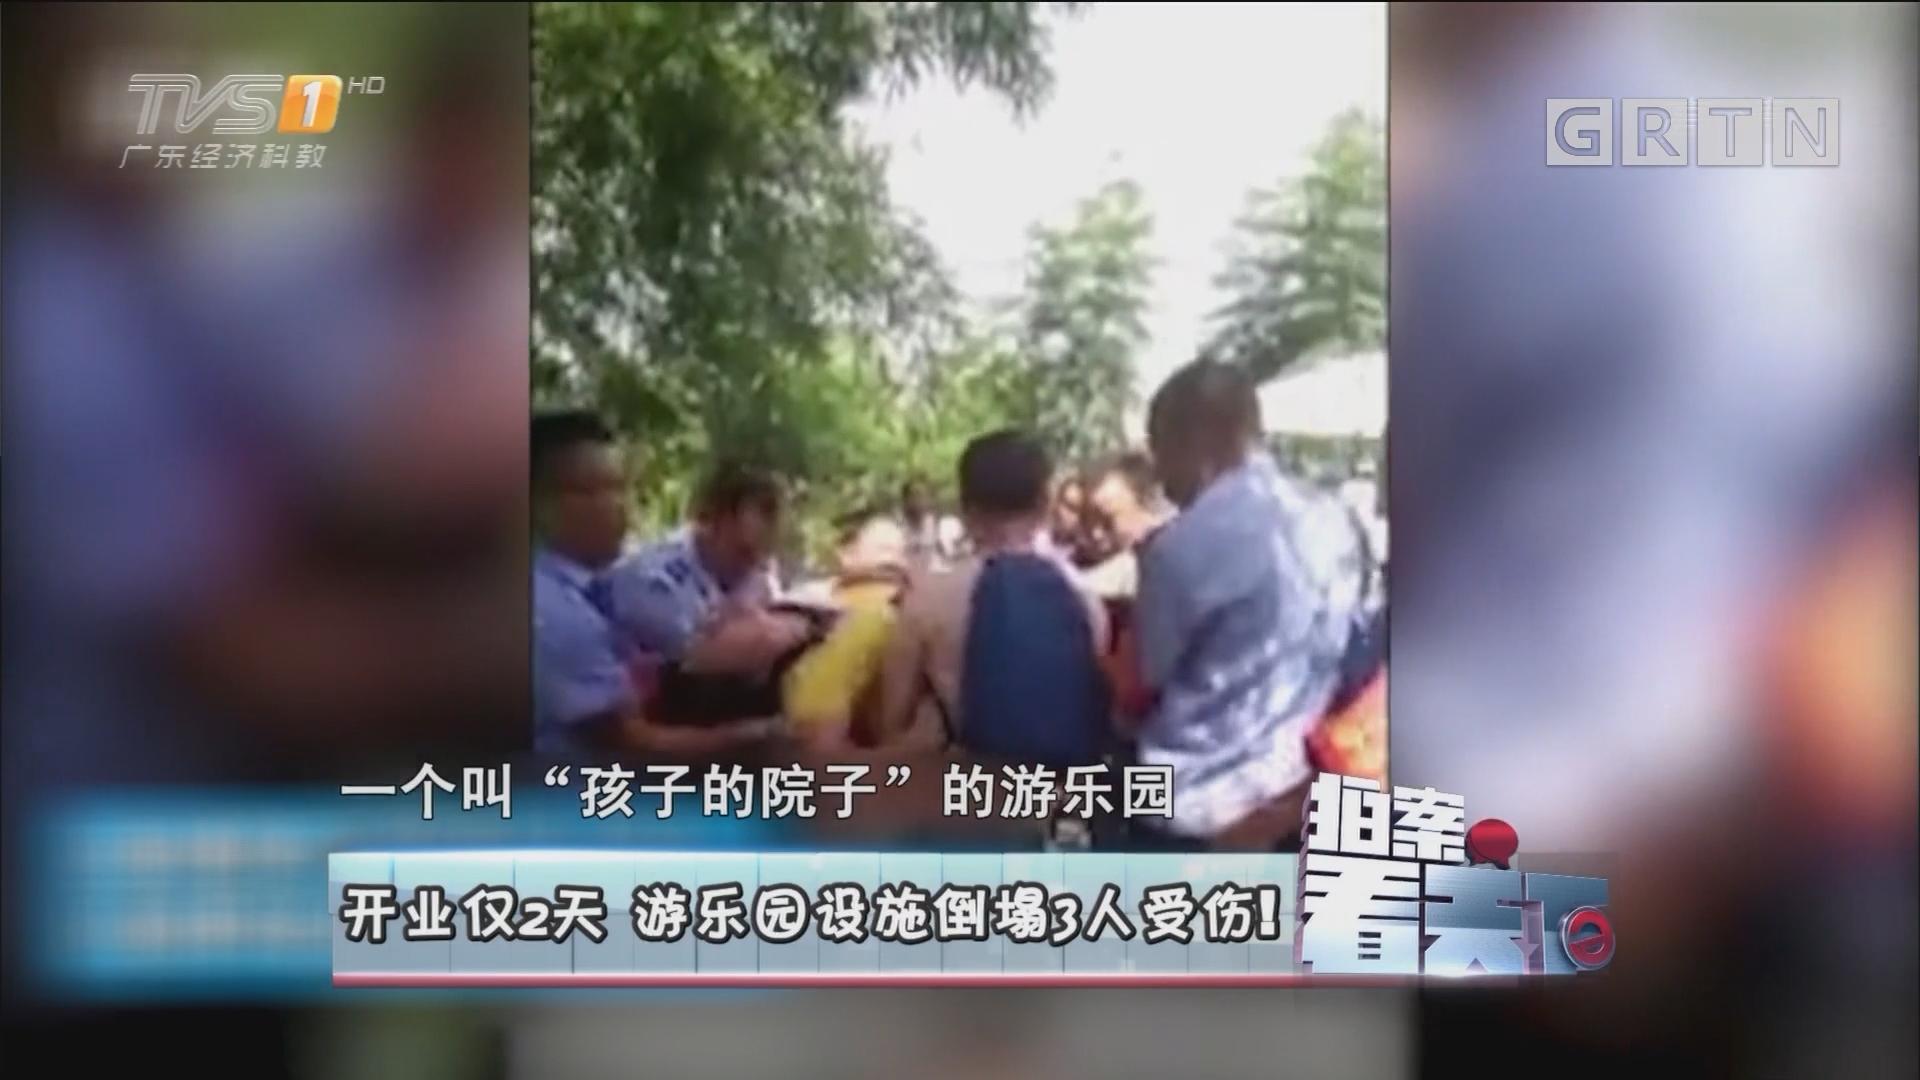 [HD][2017-07-13]拍案看天下:开业仅2天 游乐园设施倒塌3人受伤!